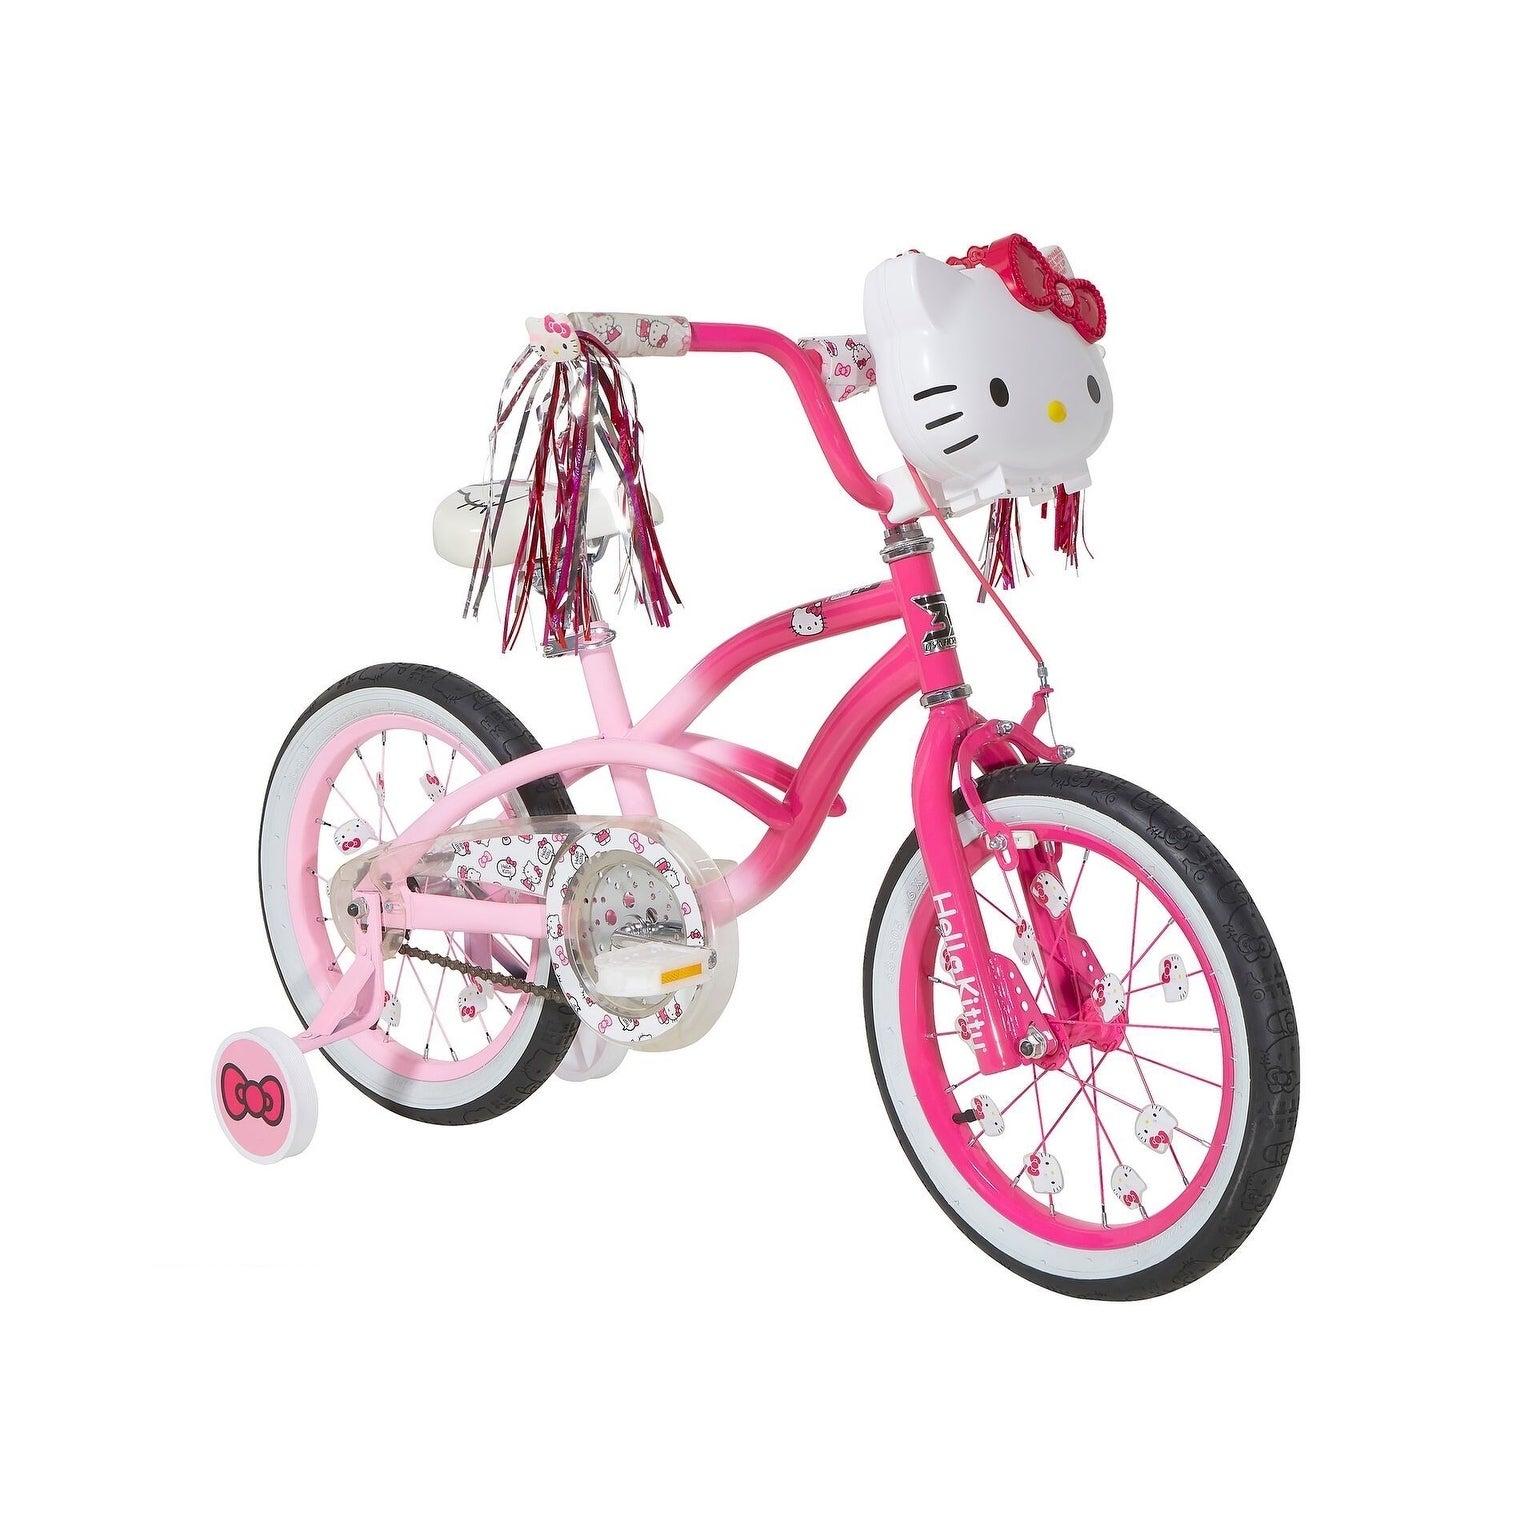 16-Hello-Kitty-Bike-cb49517a-0107-468a-b8d2-feb057fff059